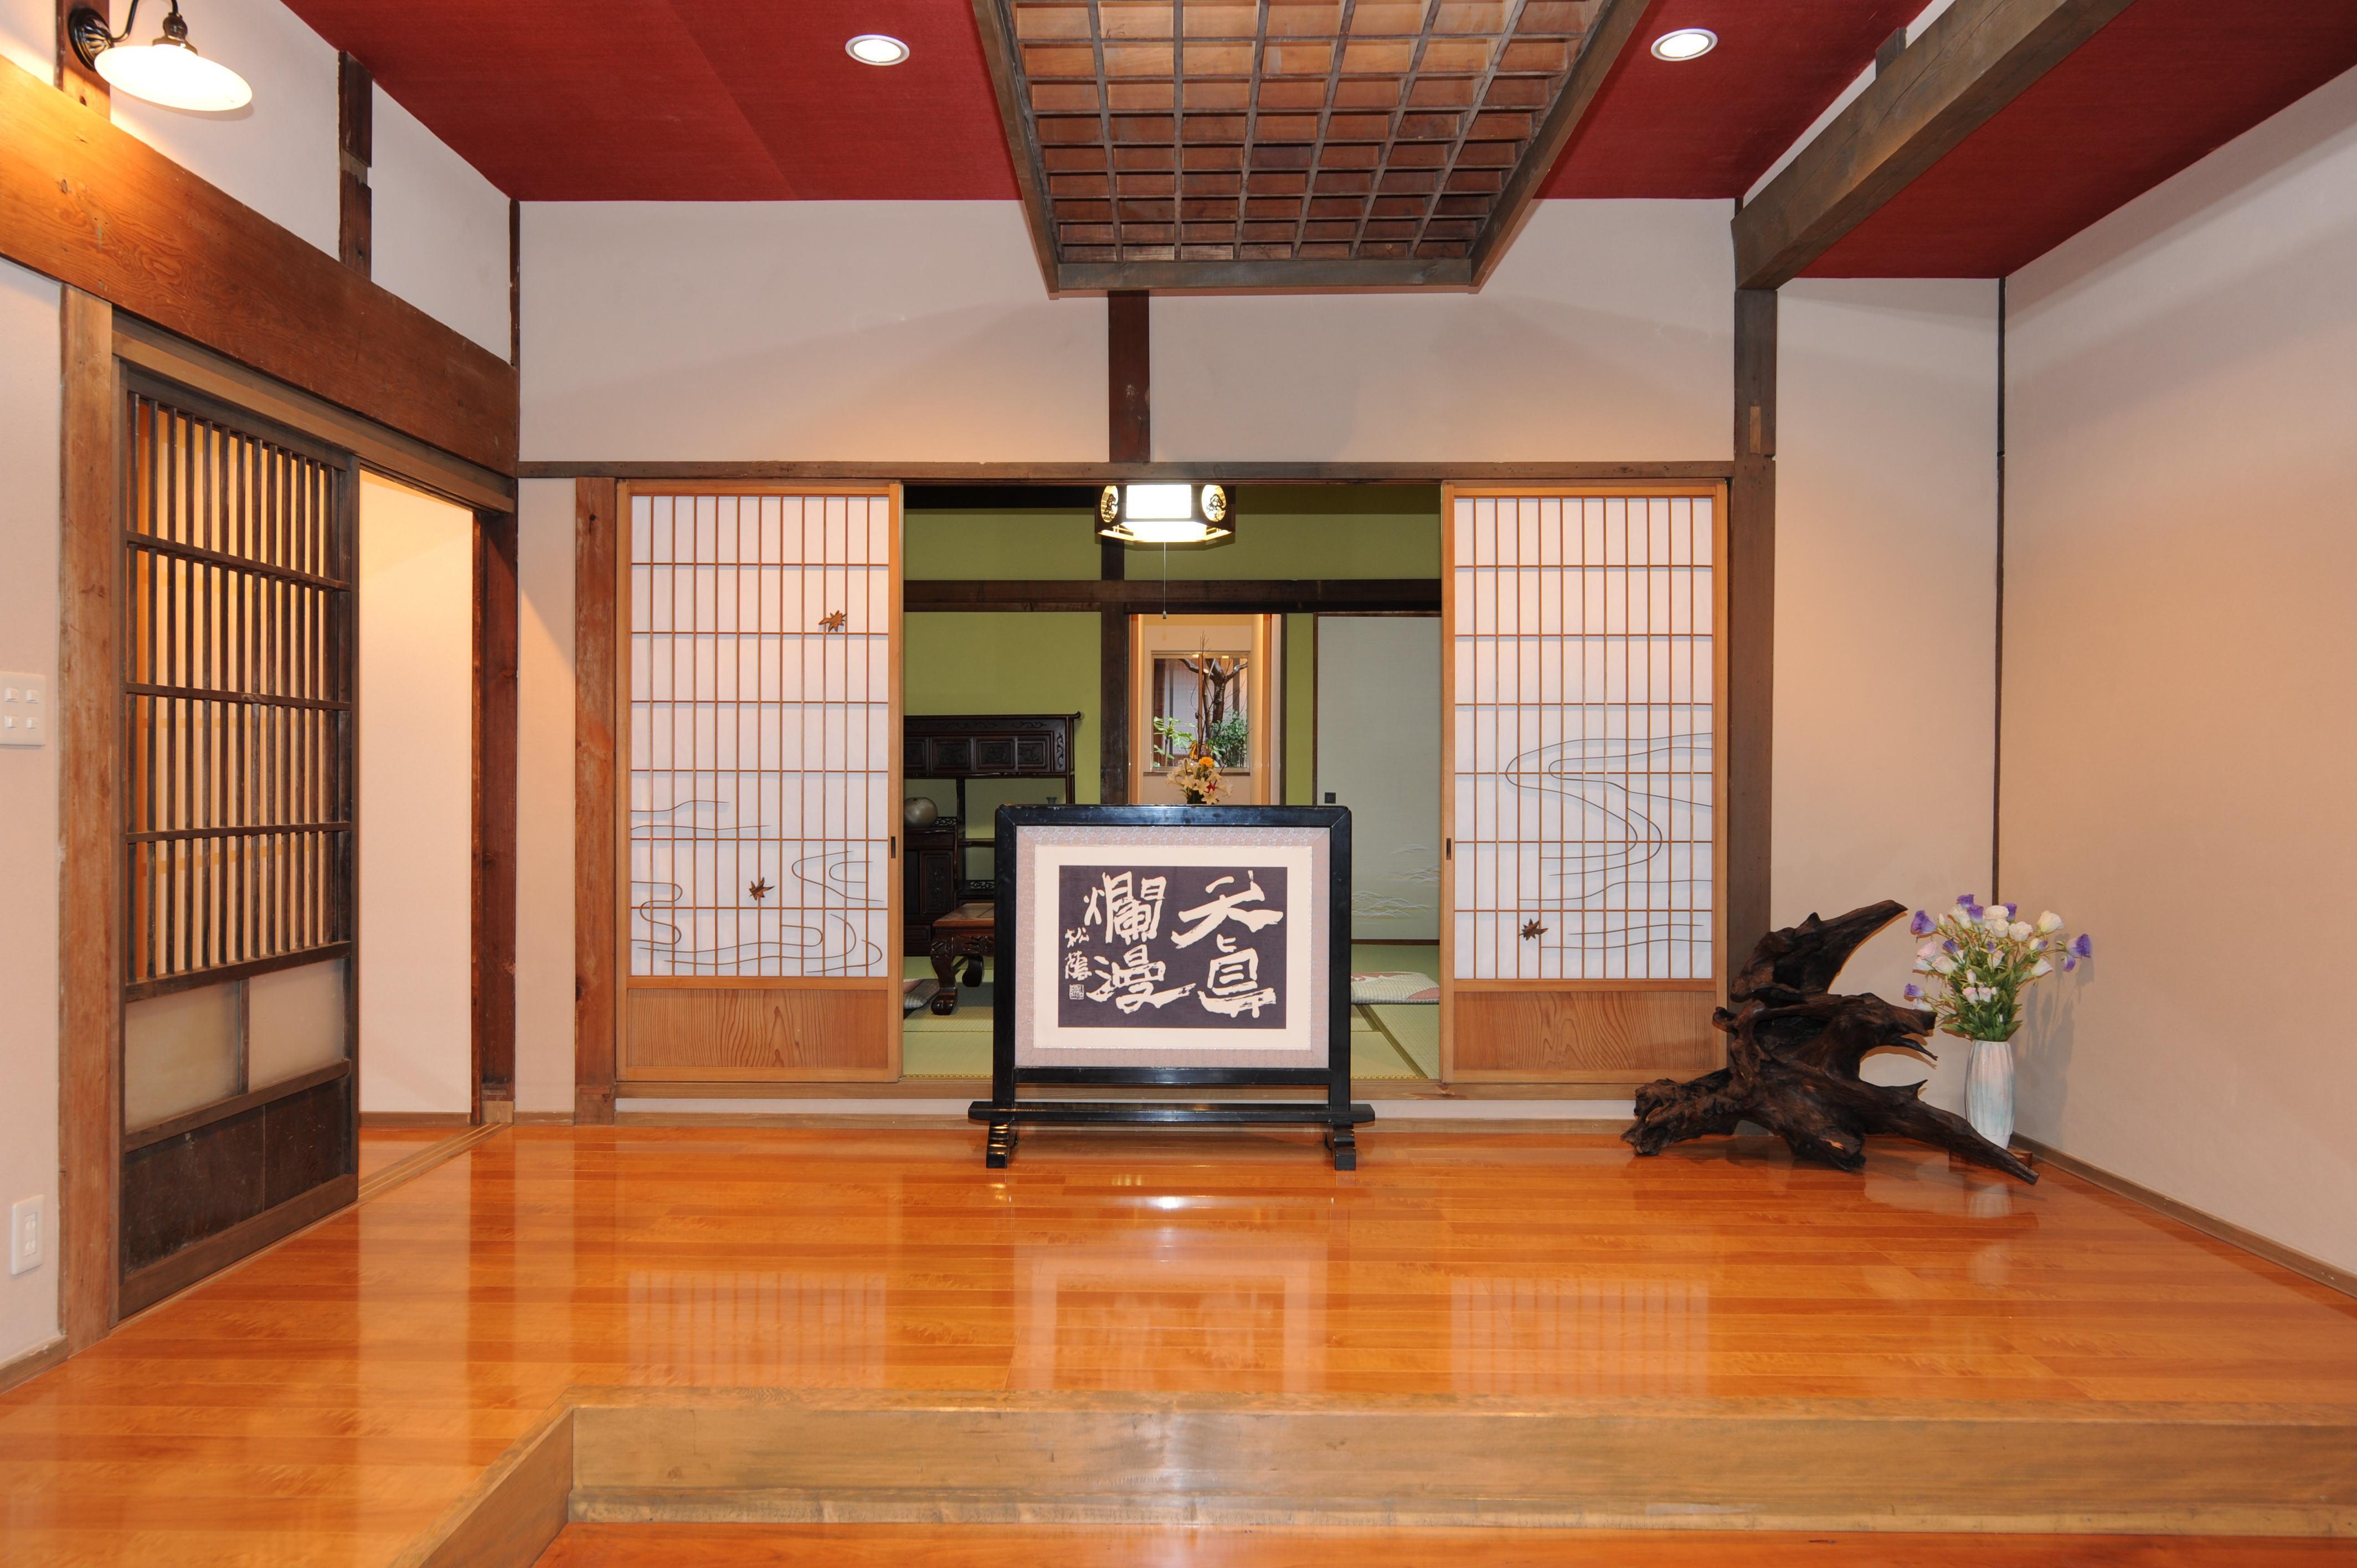 Mudah Desain Rumah Minimalis Ala Jepang 34 Tentang Ide Merancang Interior Rumah untuk Desain Rumah Minimalis Ala Jepang